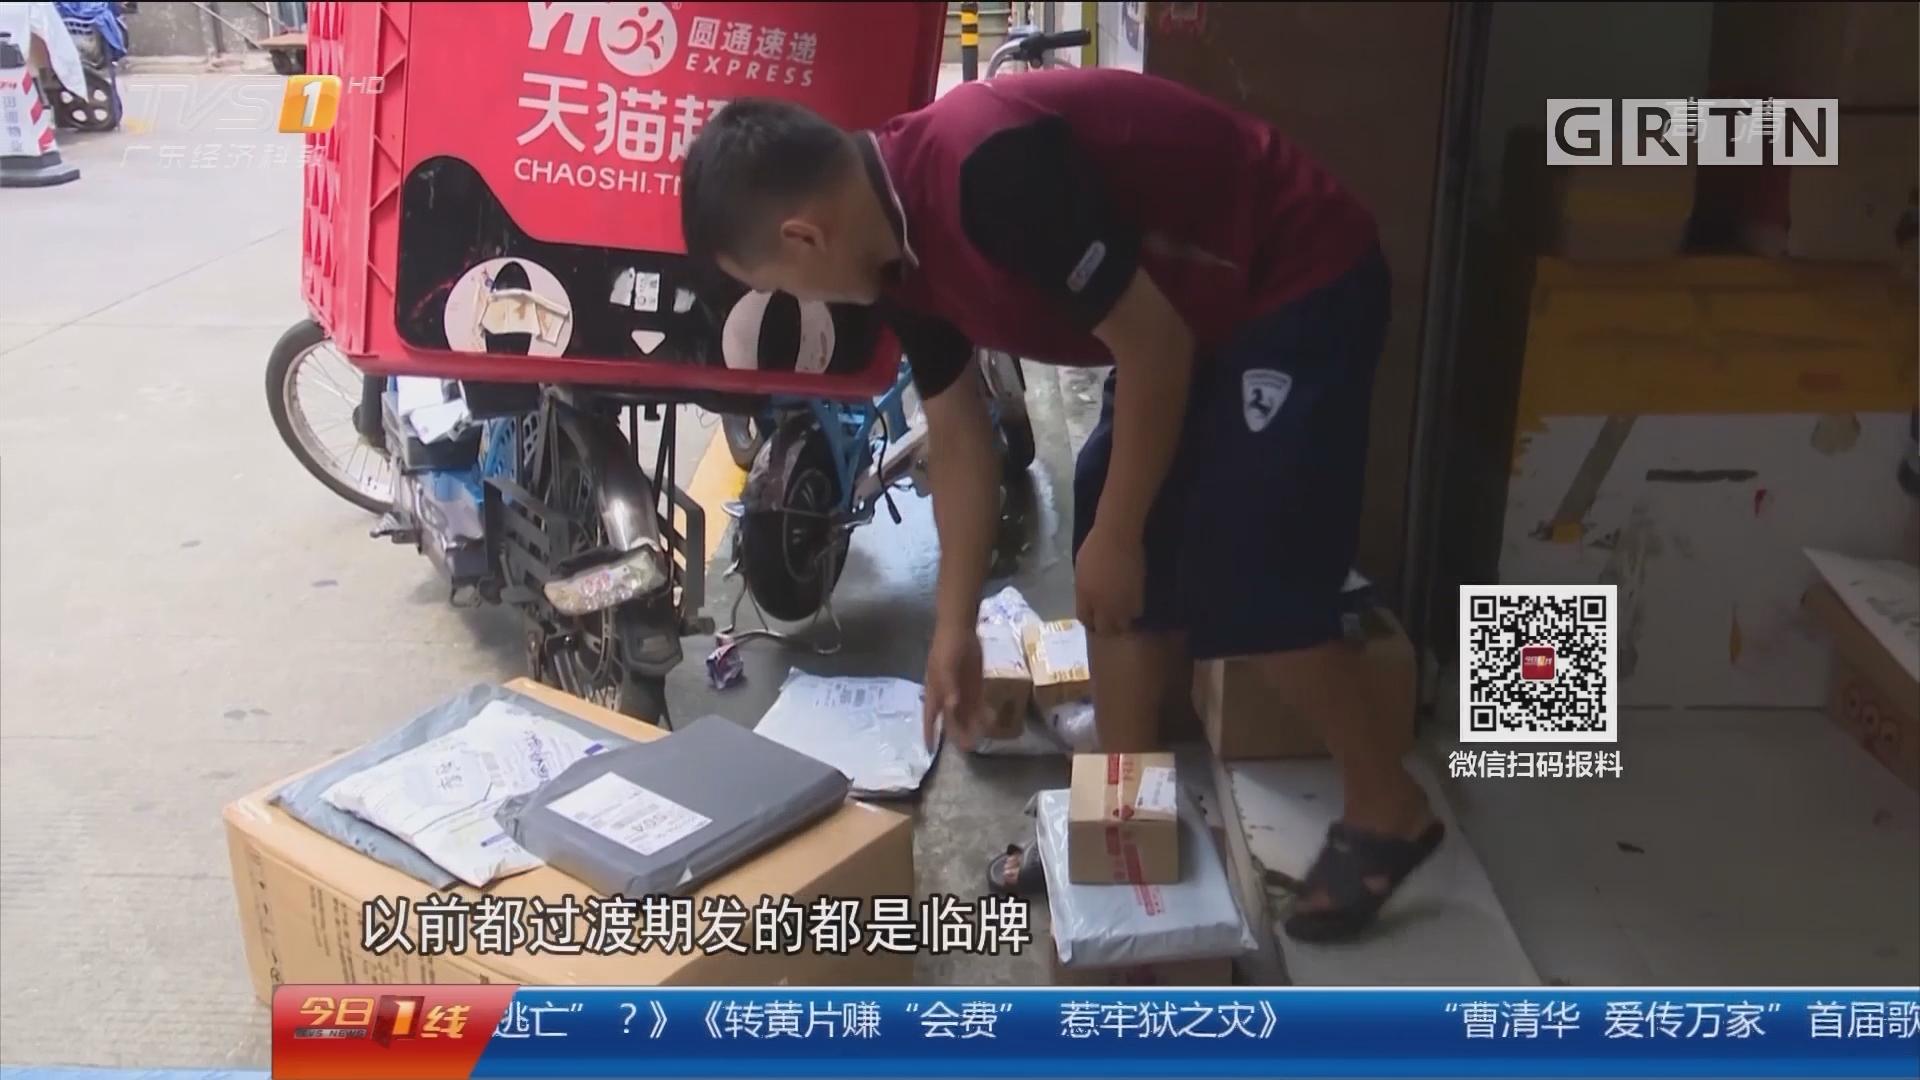 深圳:明起全面禁行电动三轮车 无证驾驶一律拘留